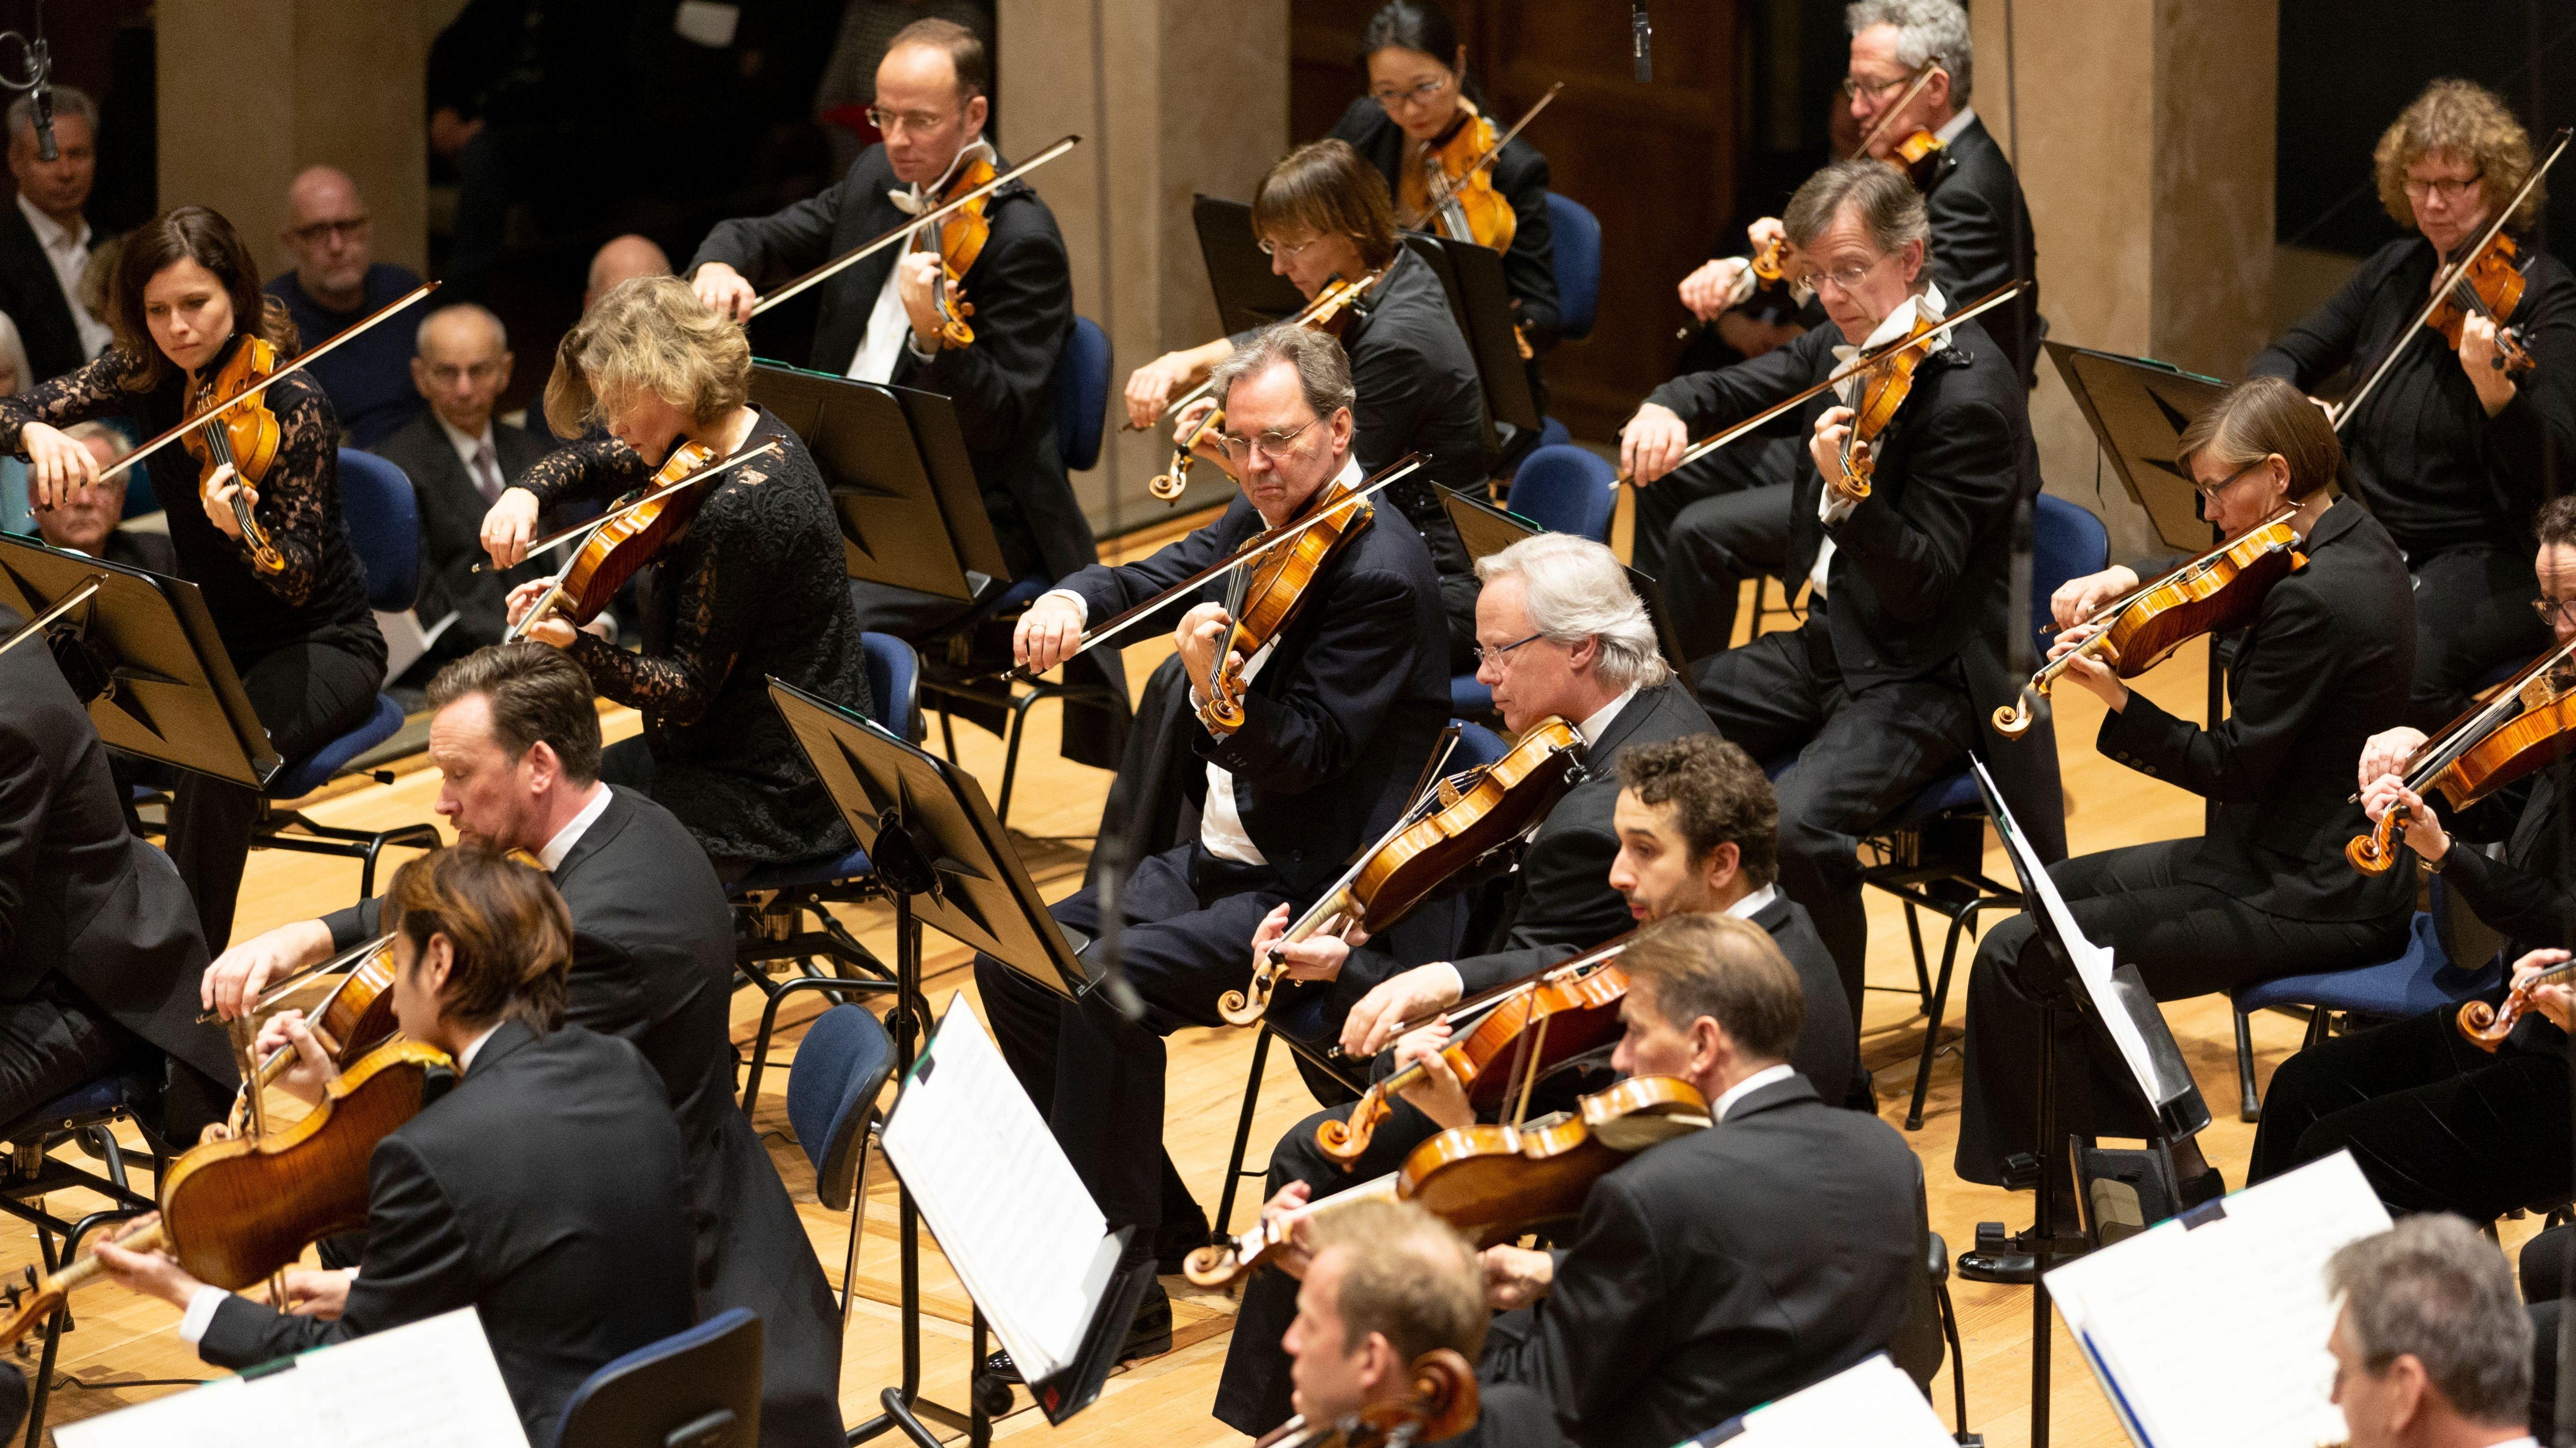 Streicher des Symphonieorchesters des Bayerischen Rundfunks beim Konzert im Münchner Herkulessaal